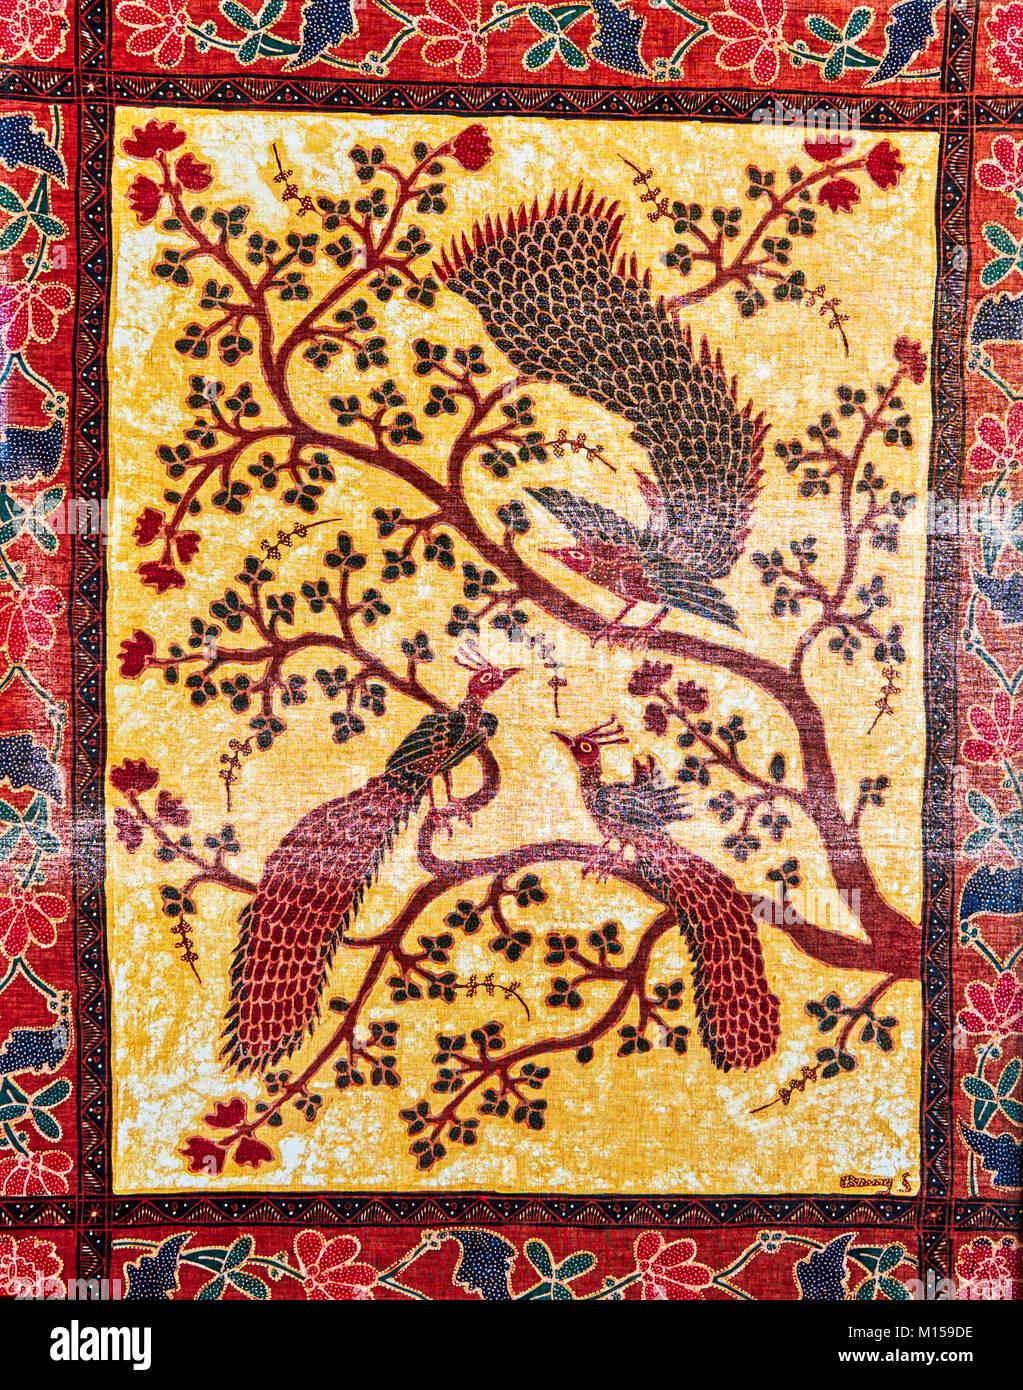 Batik Painting Stock Photos  Batik Painting Stock Images